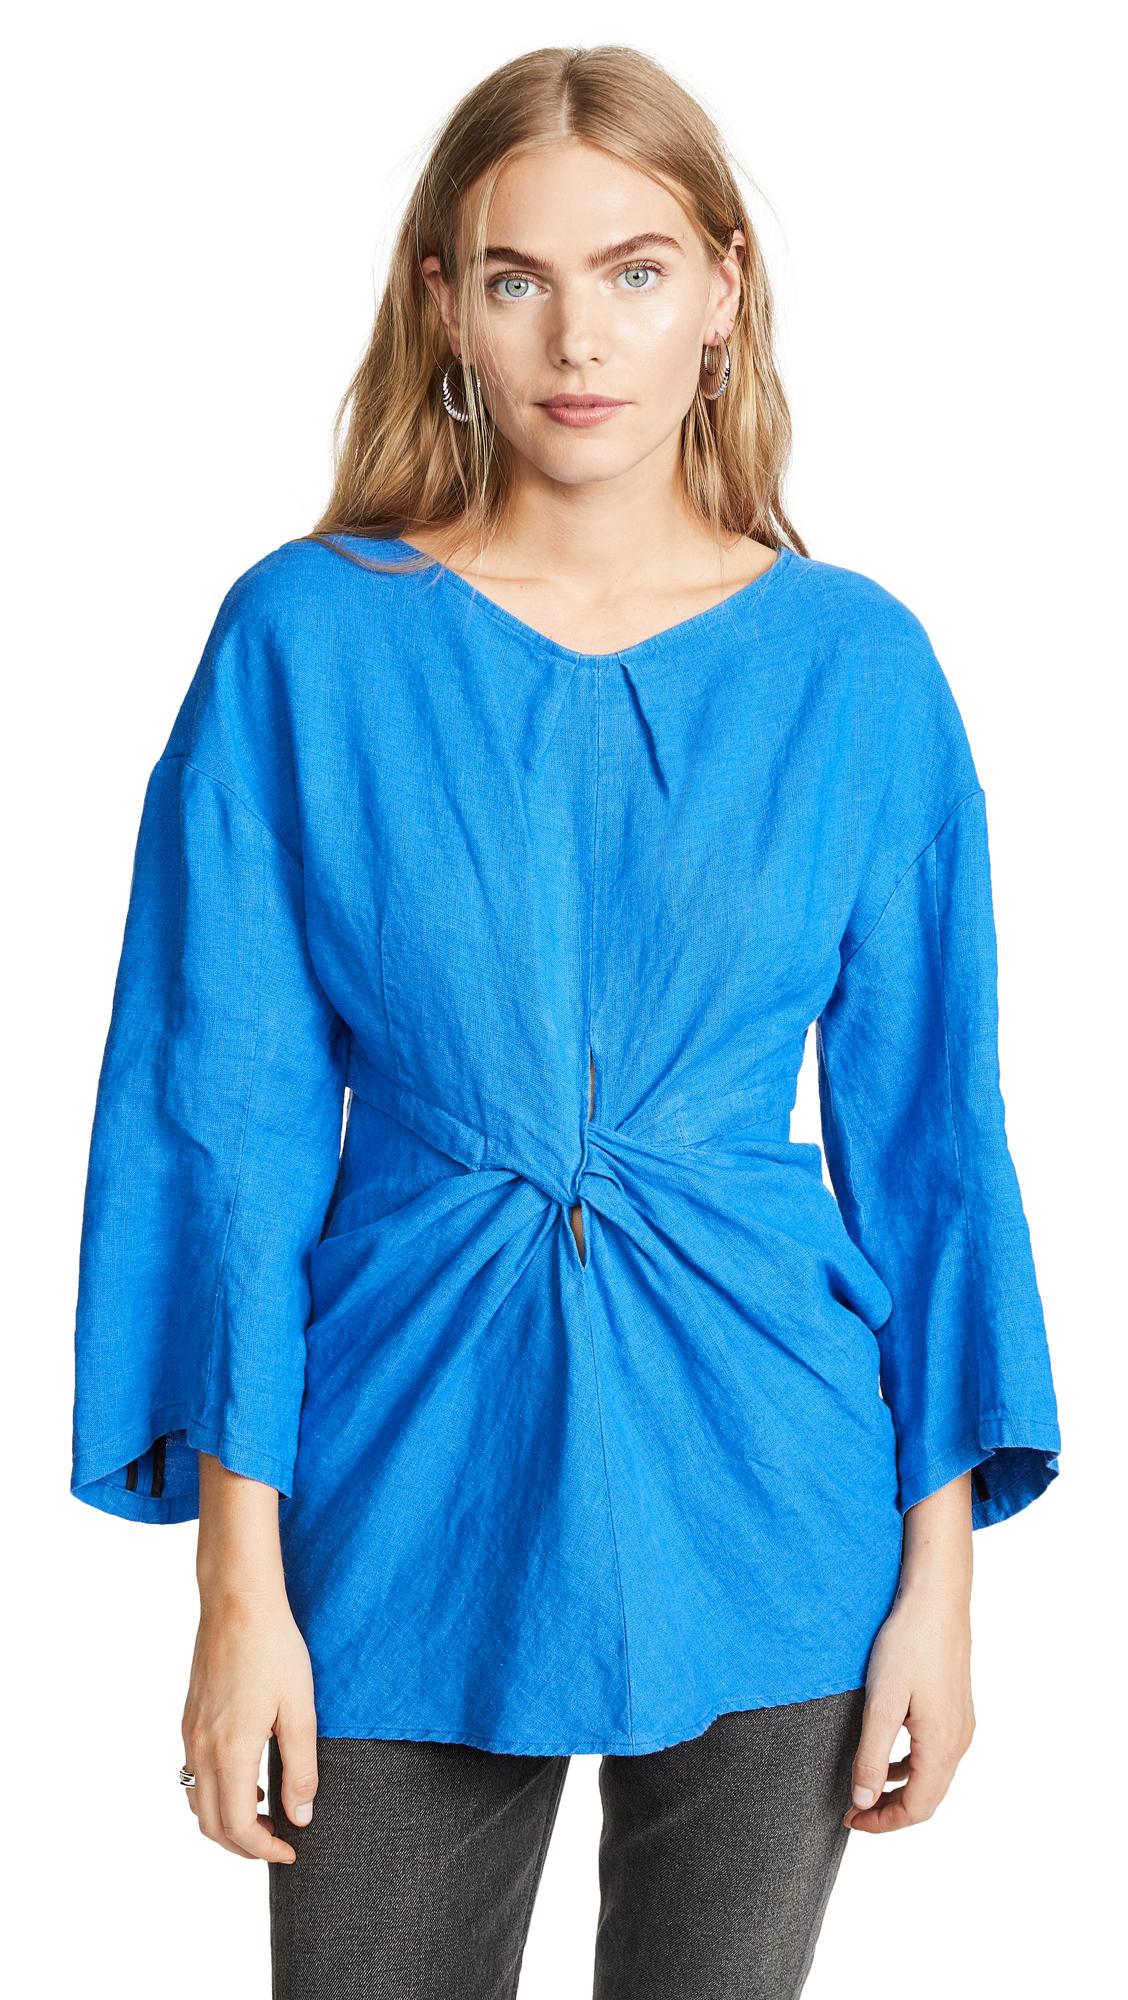 Rachel Comey Scope Top In Blue